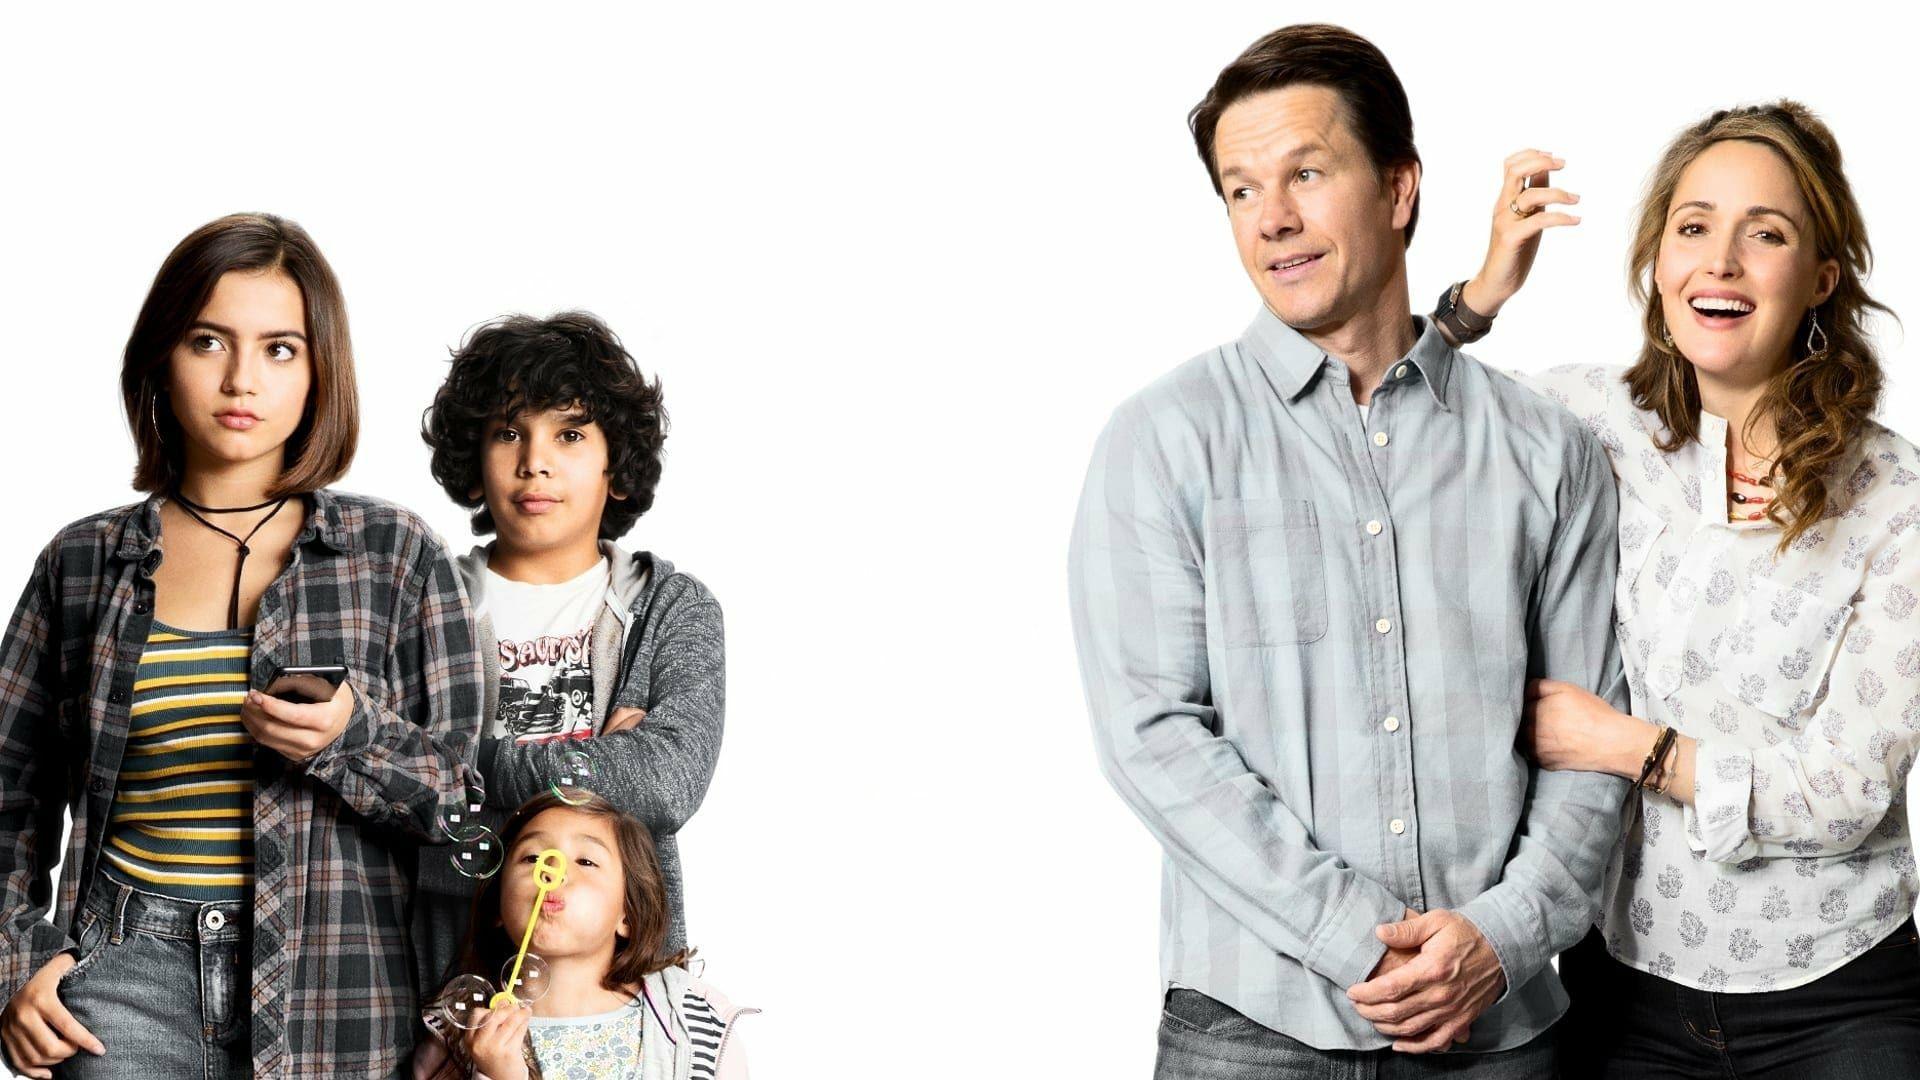 Plotzlich Familie 2018 Ganzer Film Stream Deutsch Komplett Online Plotzlich Familie 2018complete Film Family Movies Full Movies Online Free Free Movies Online